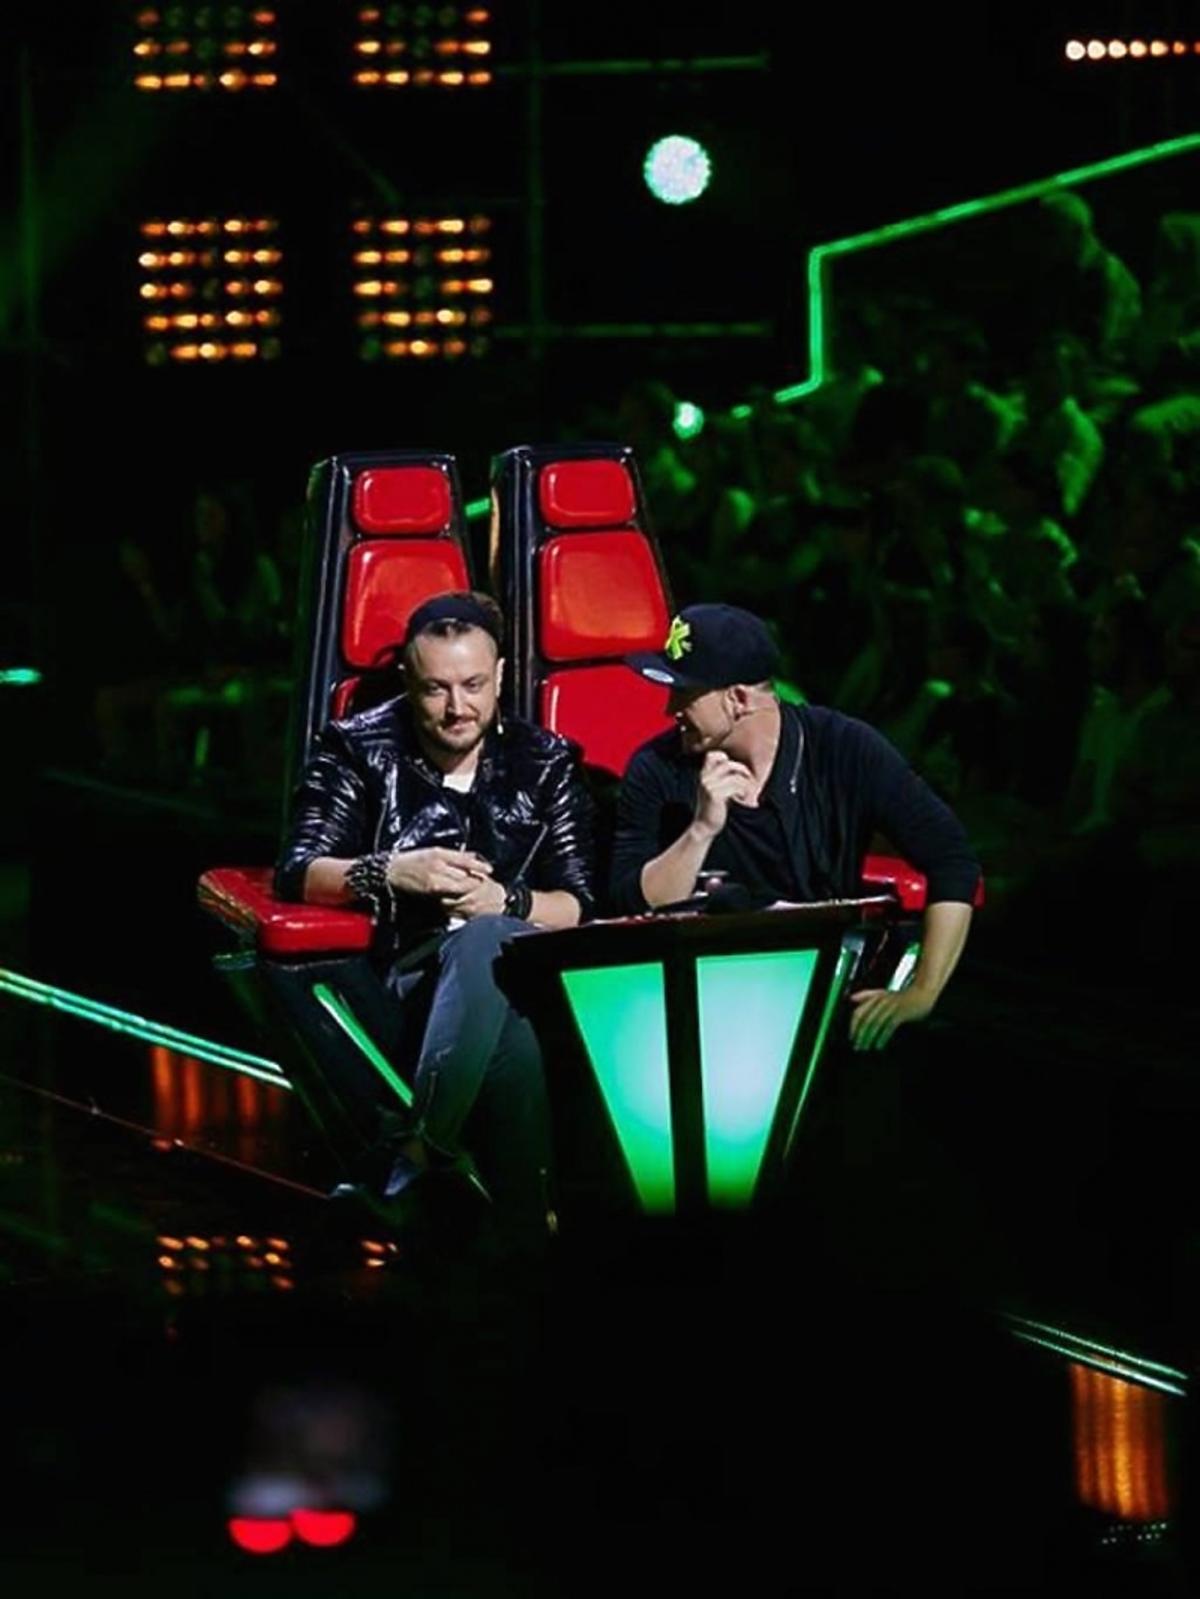 Tomson i Baron na planie The Voice of Poland 6